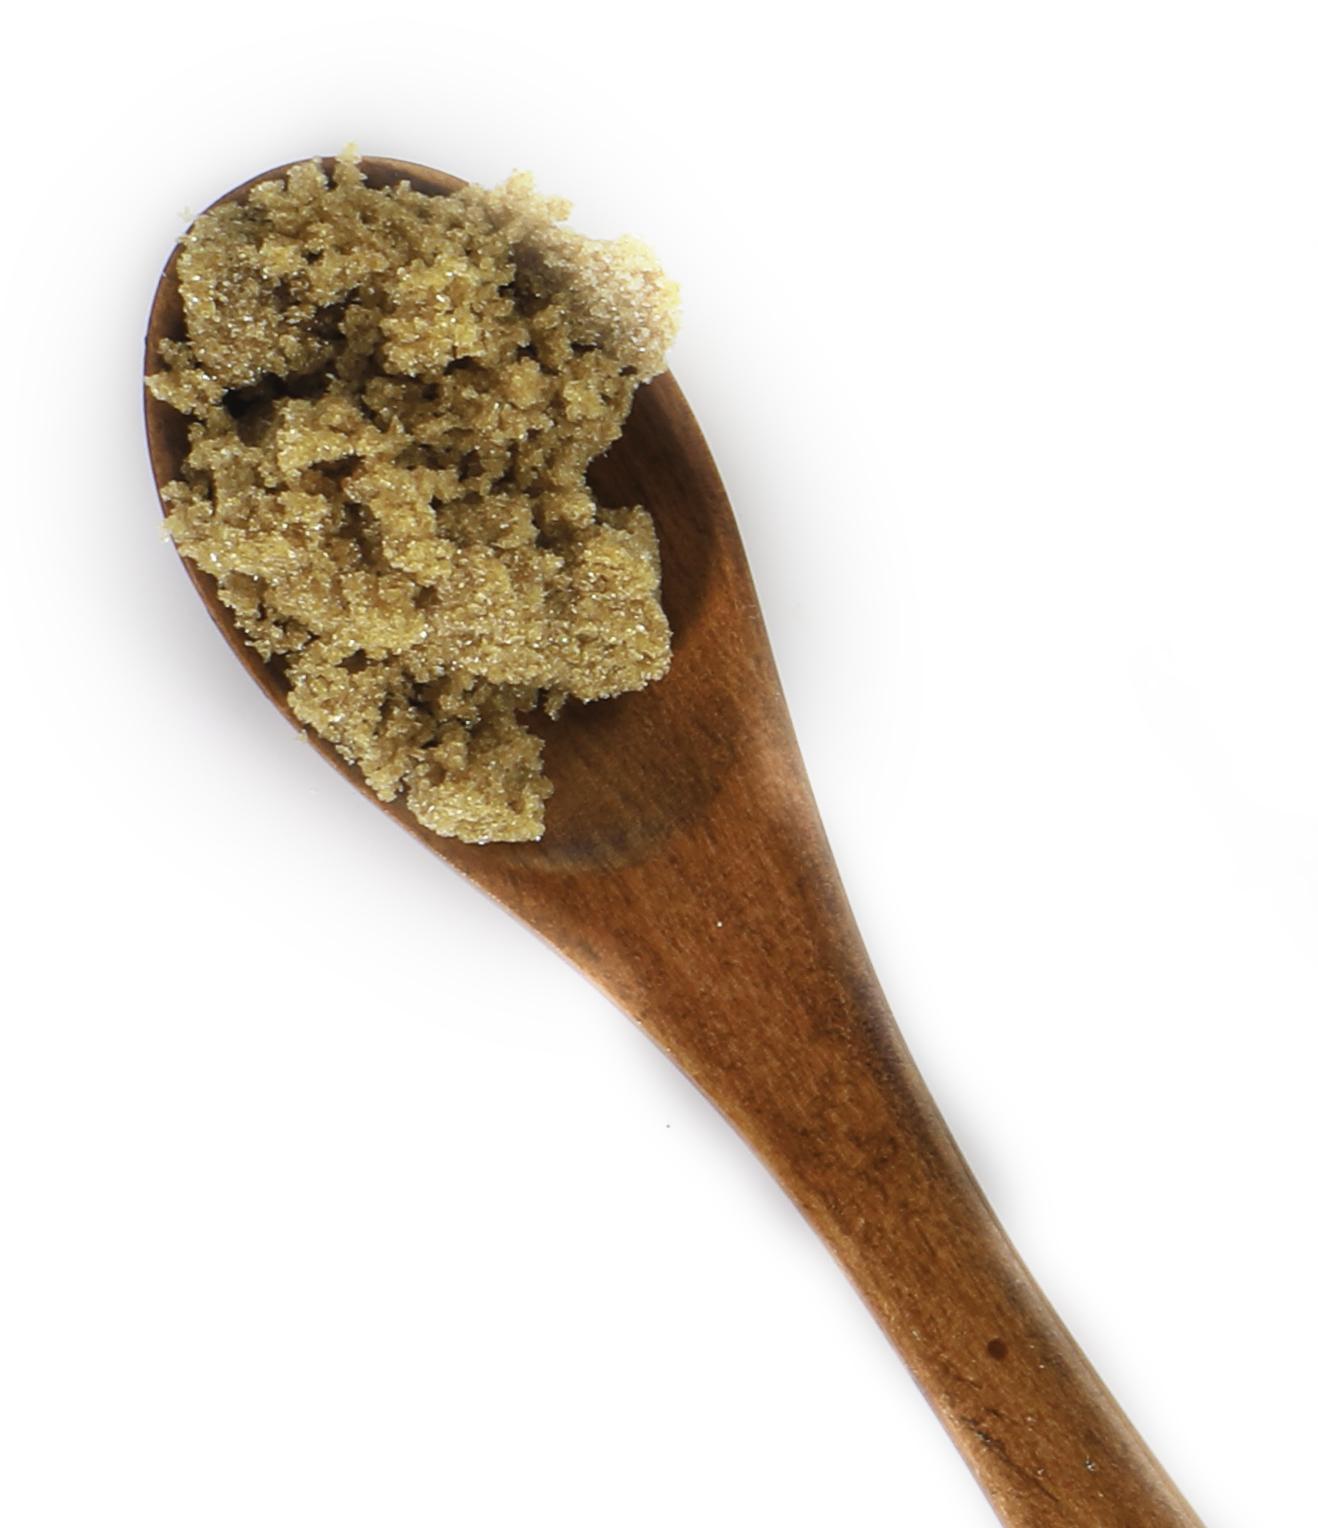 Brown Sugar On Spoon